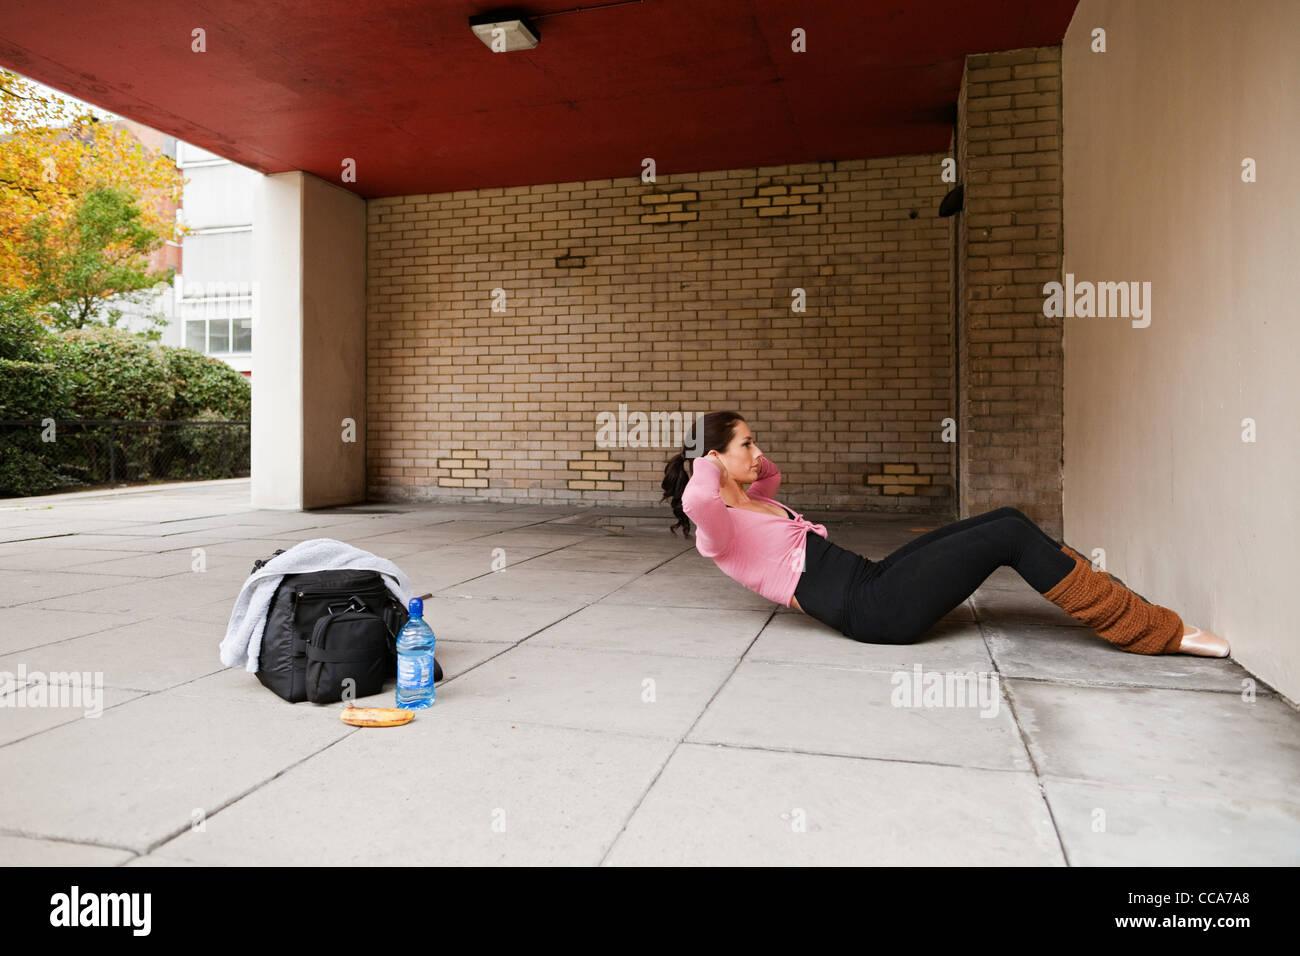 Mujer en calentadores de pierna realizando sentarse ups Imagen De Stock